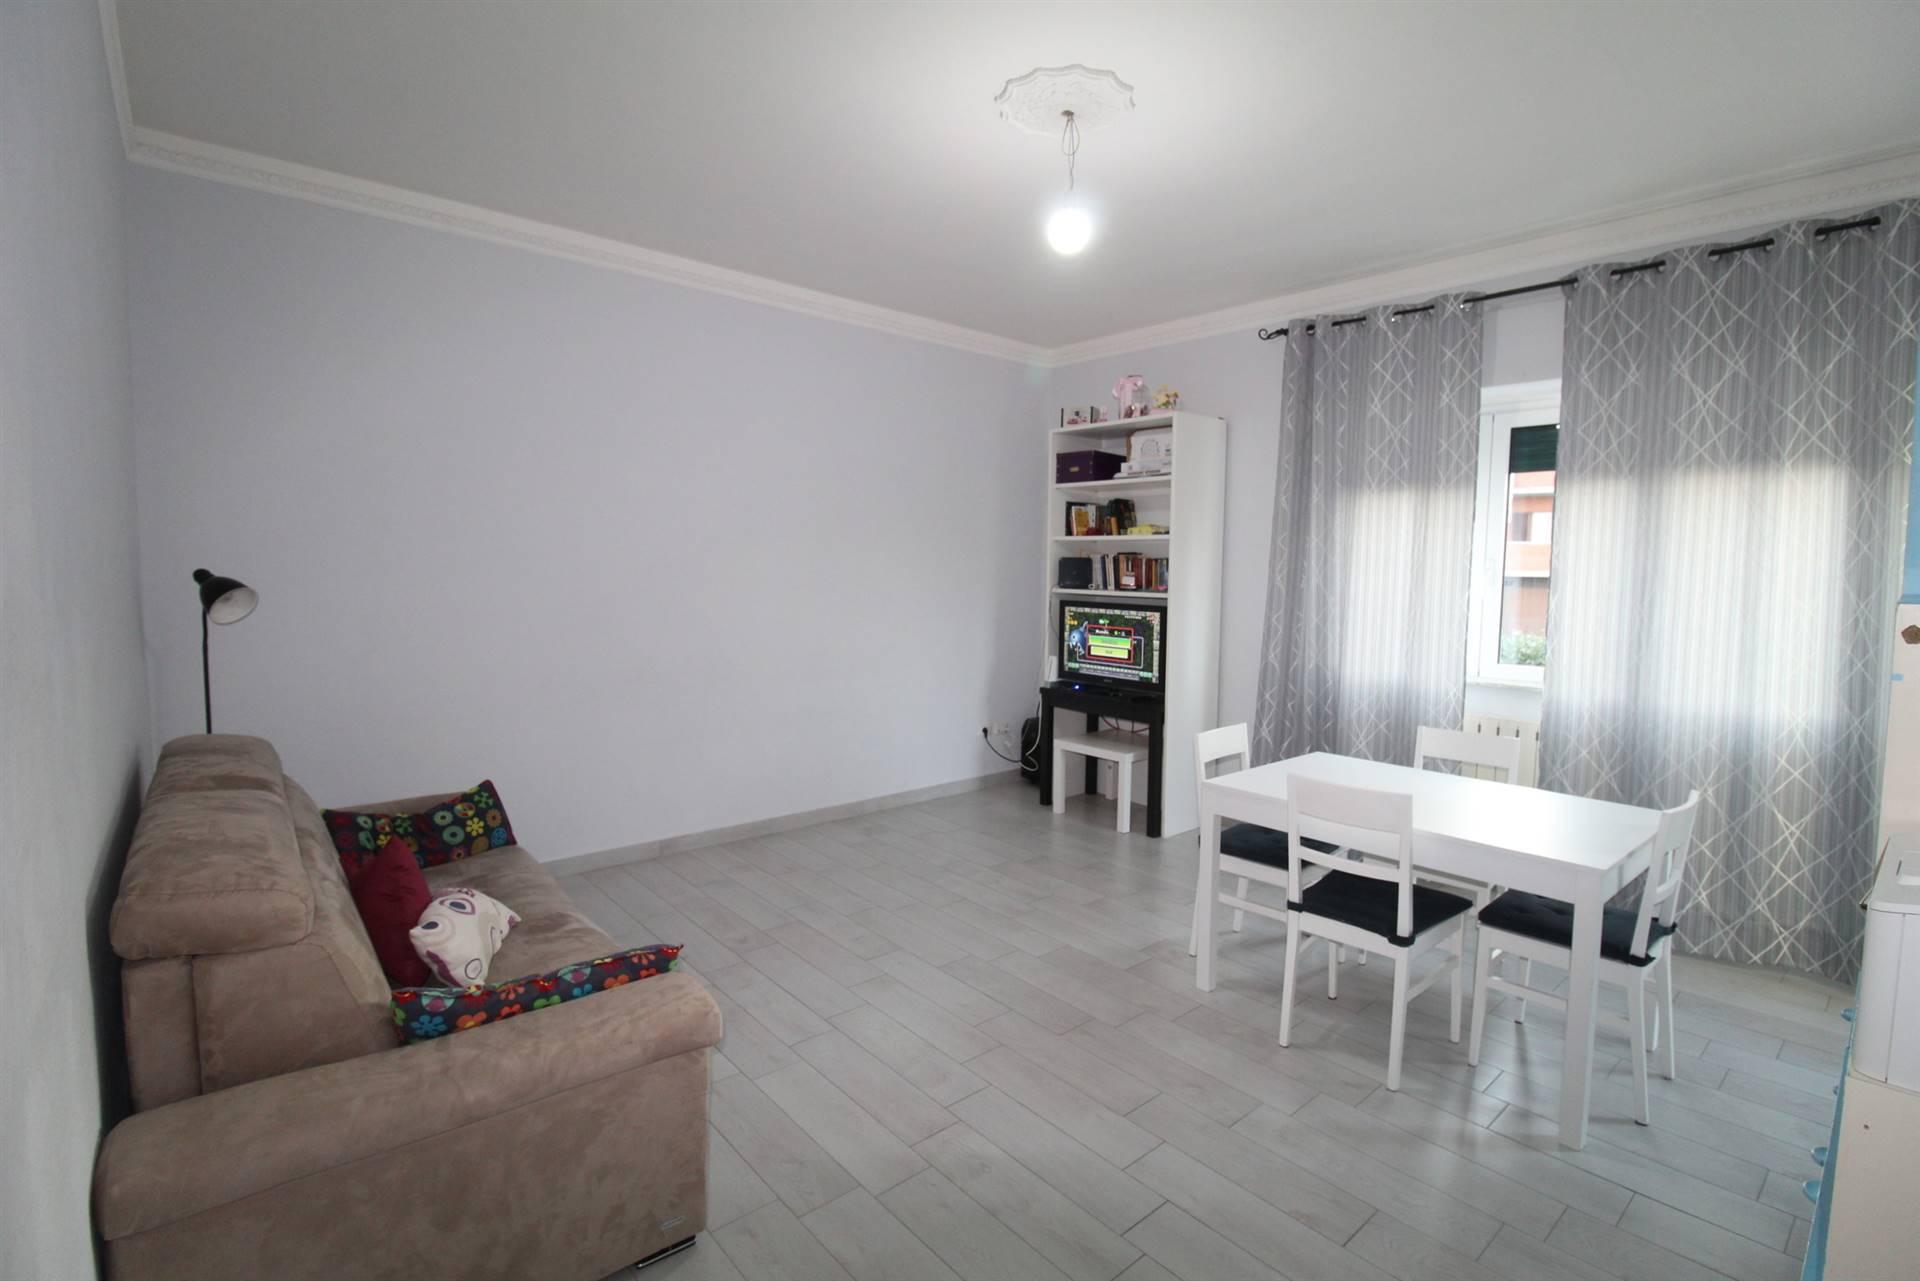 Appartamento in vendita a Castelnuovo Berardenga, 4 locali, zona Località: PIANELLA, prezzo € 185.000 | PortaleAgenzieImmobiliari.it